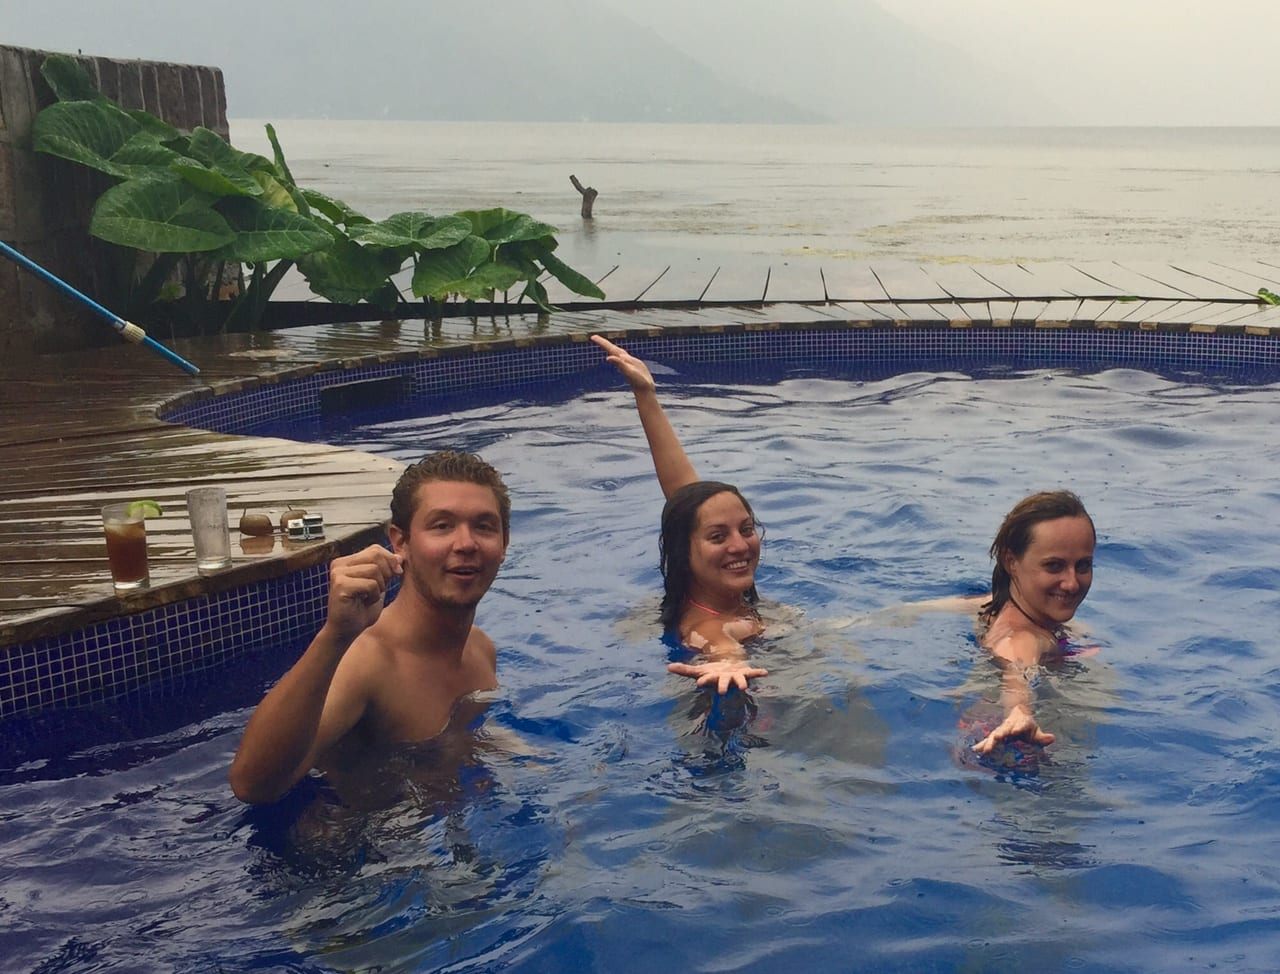 Leif, Kate, and Bianka in Pool